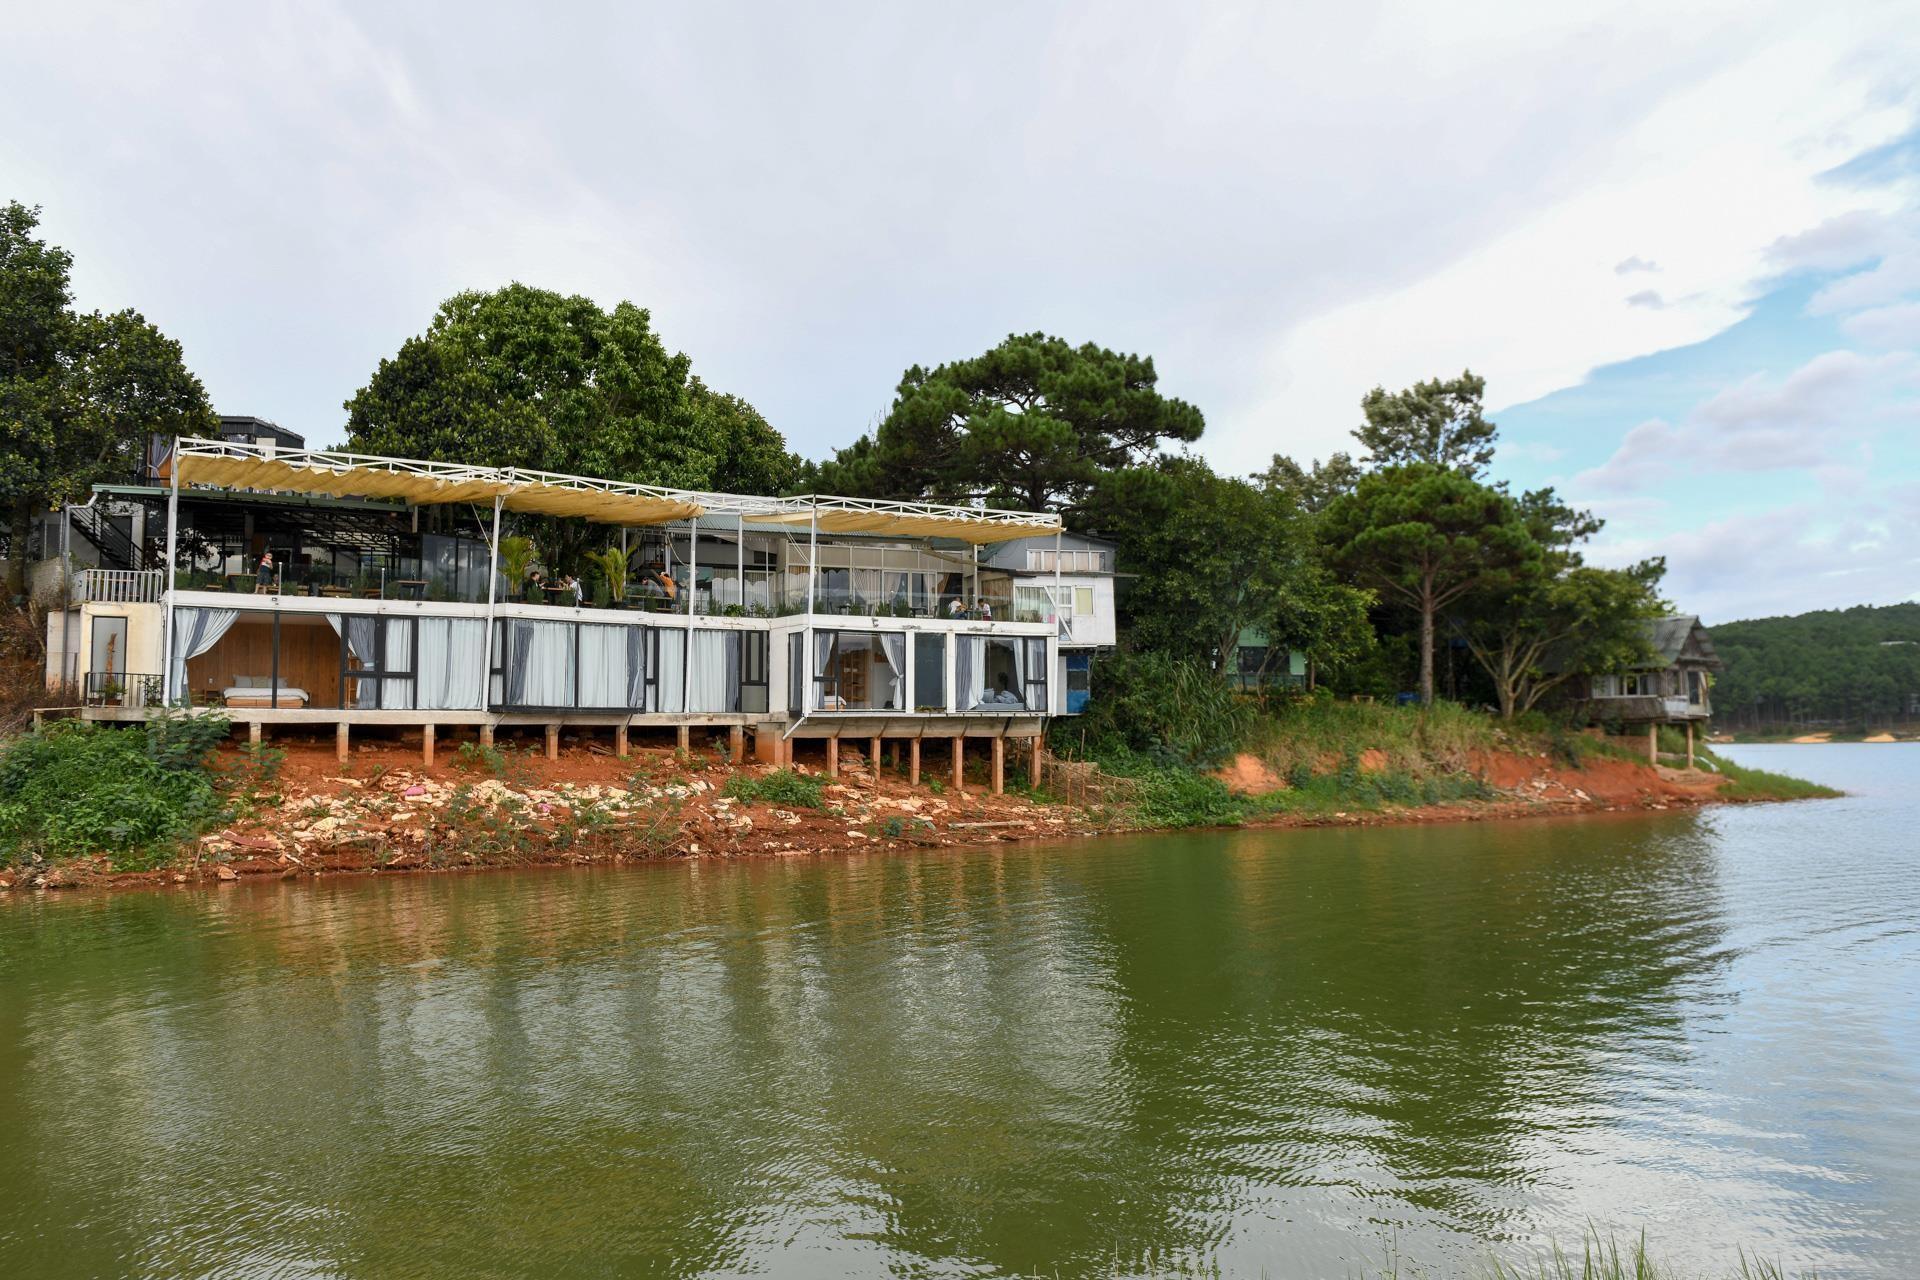 Nhiều dự án bất động sản sai phạm 'bao vây' hồ Tuyền Lâm ở Đà Lạt - Ảnh 10.